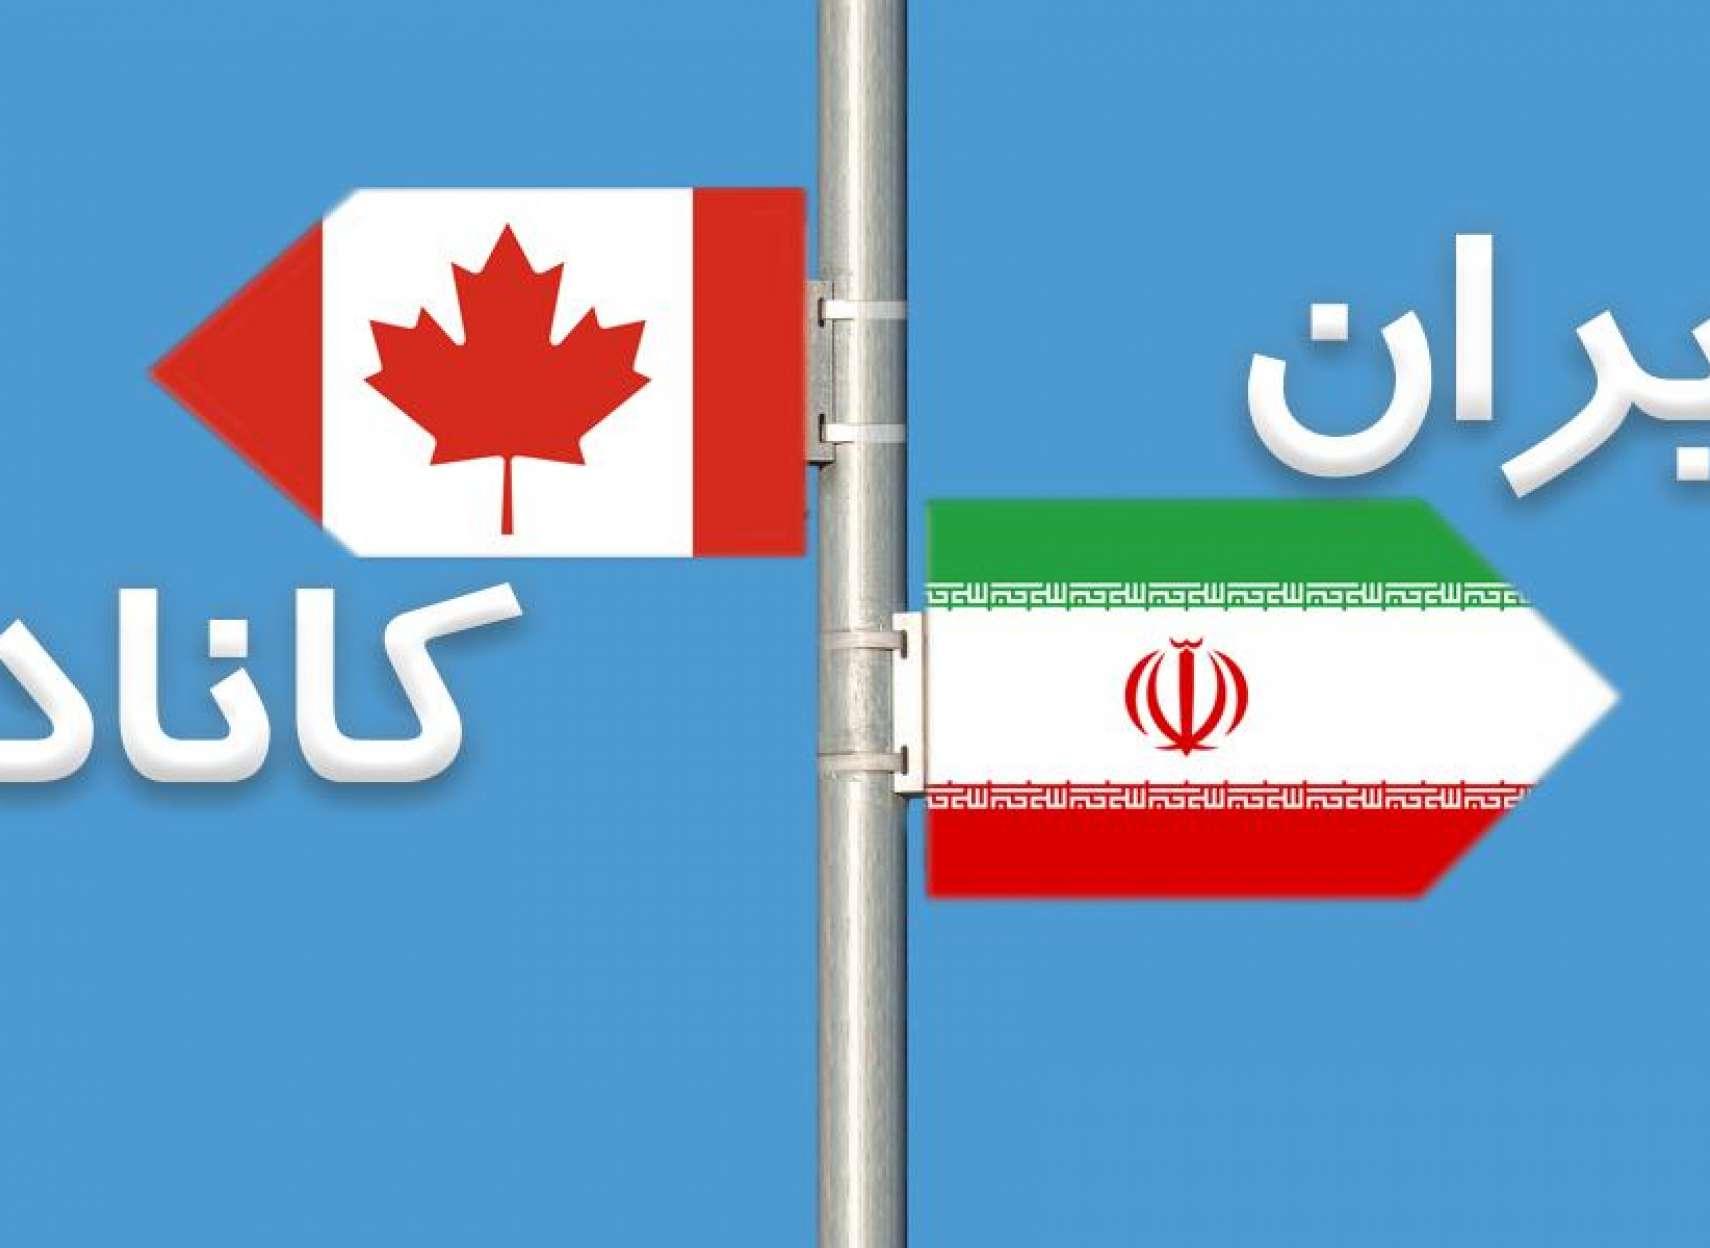 دولت-کانادا- تراکنش- های- مالی- مشکوک- با-ایران-را-پولشویی-و-تامین-تروریسم-اعلام- خواهد-کرد